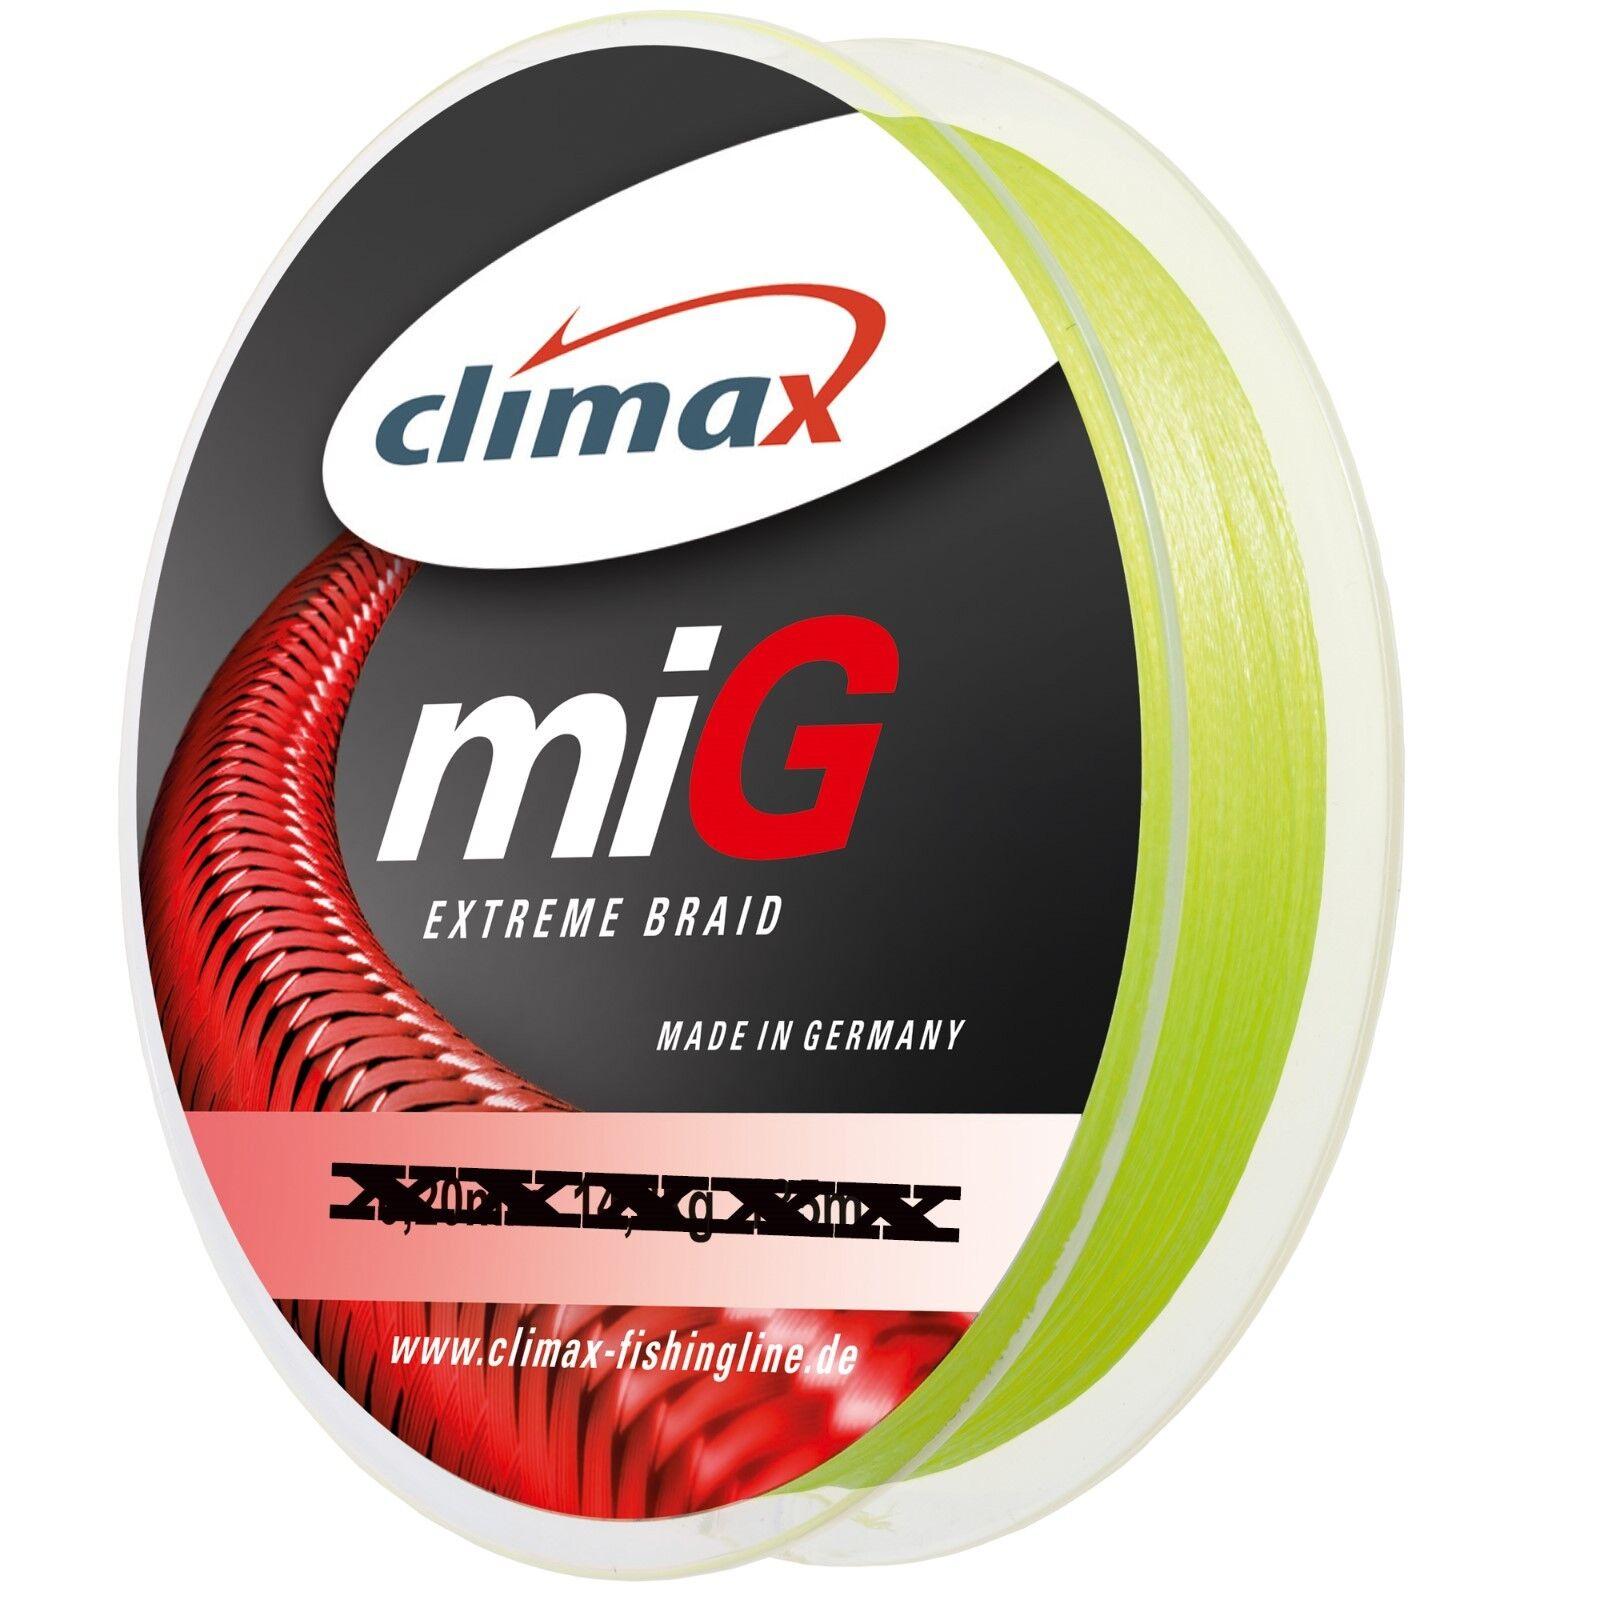 Climax miG Extreme Braid 1000m Spule - geflochtene Angelschnur - Farbe GELB